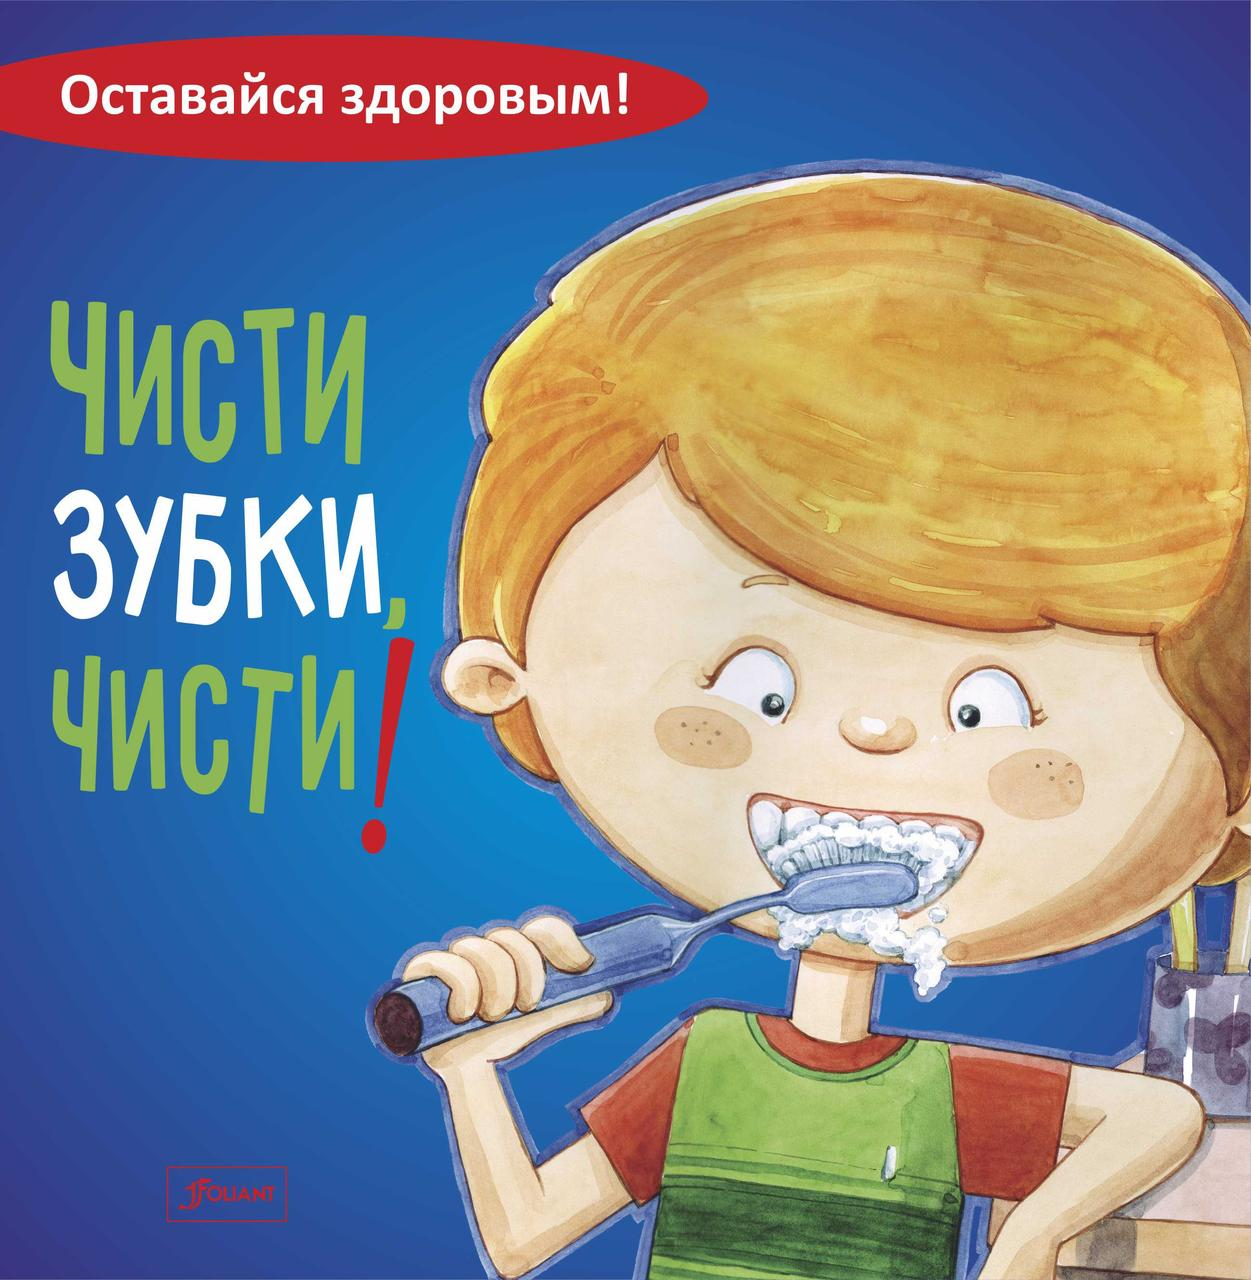 """Чисти зубки, чисти! Серия """"Оставайся здоровым!"""""""